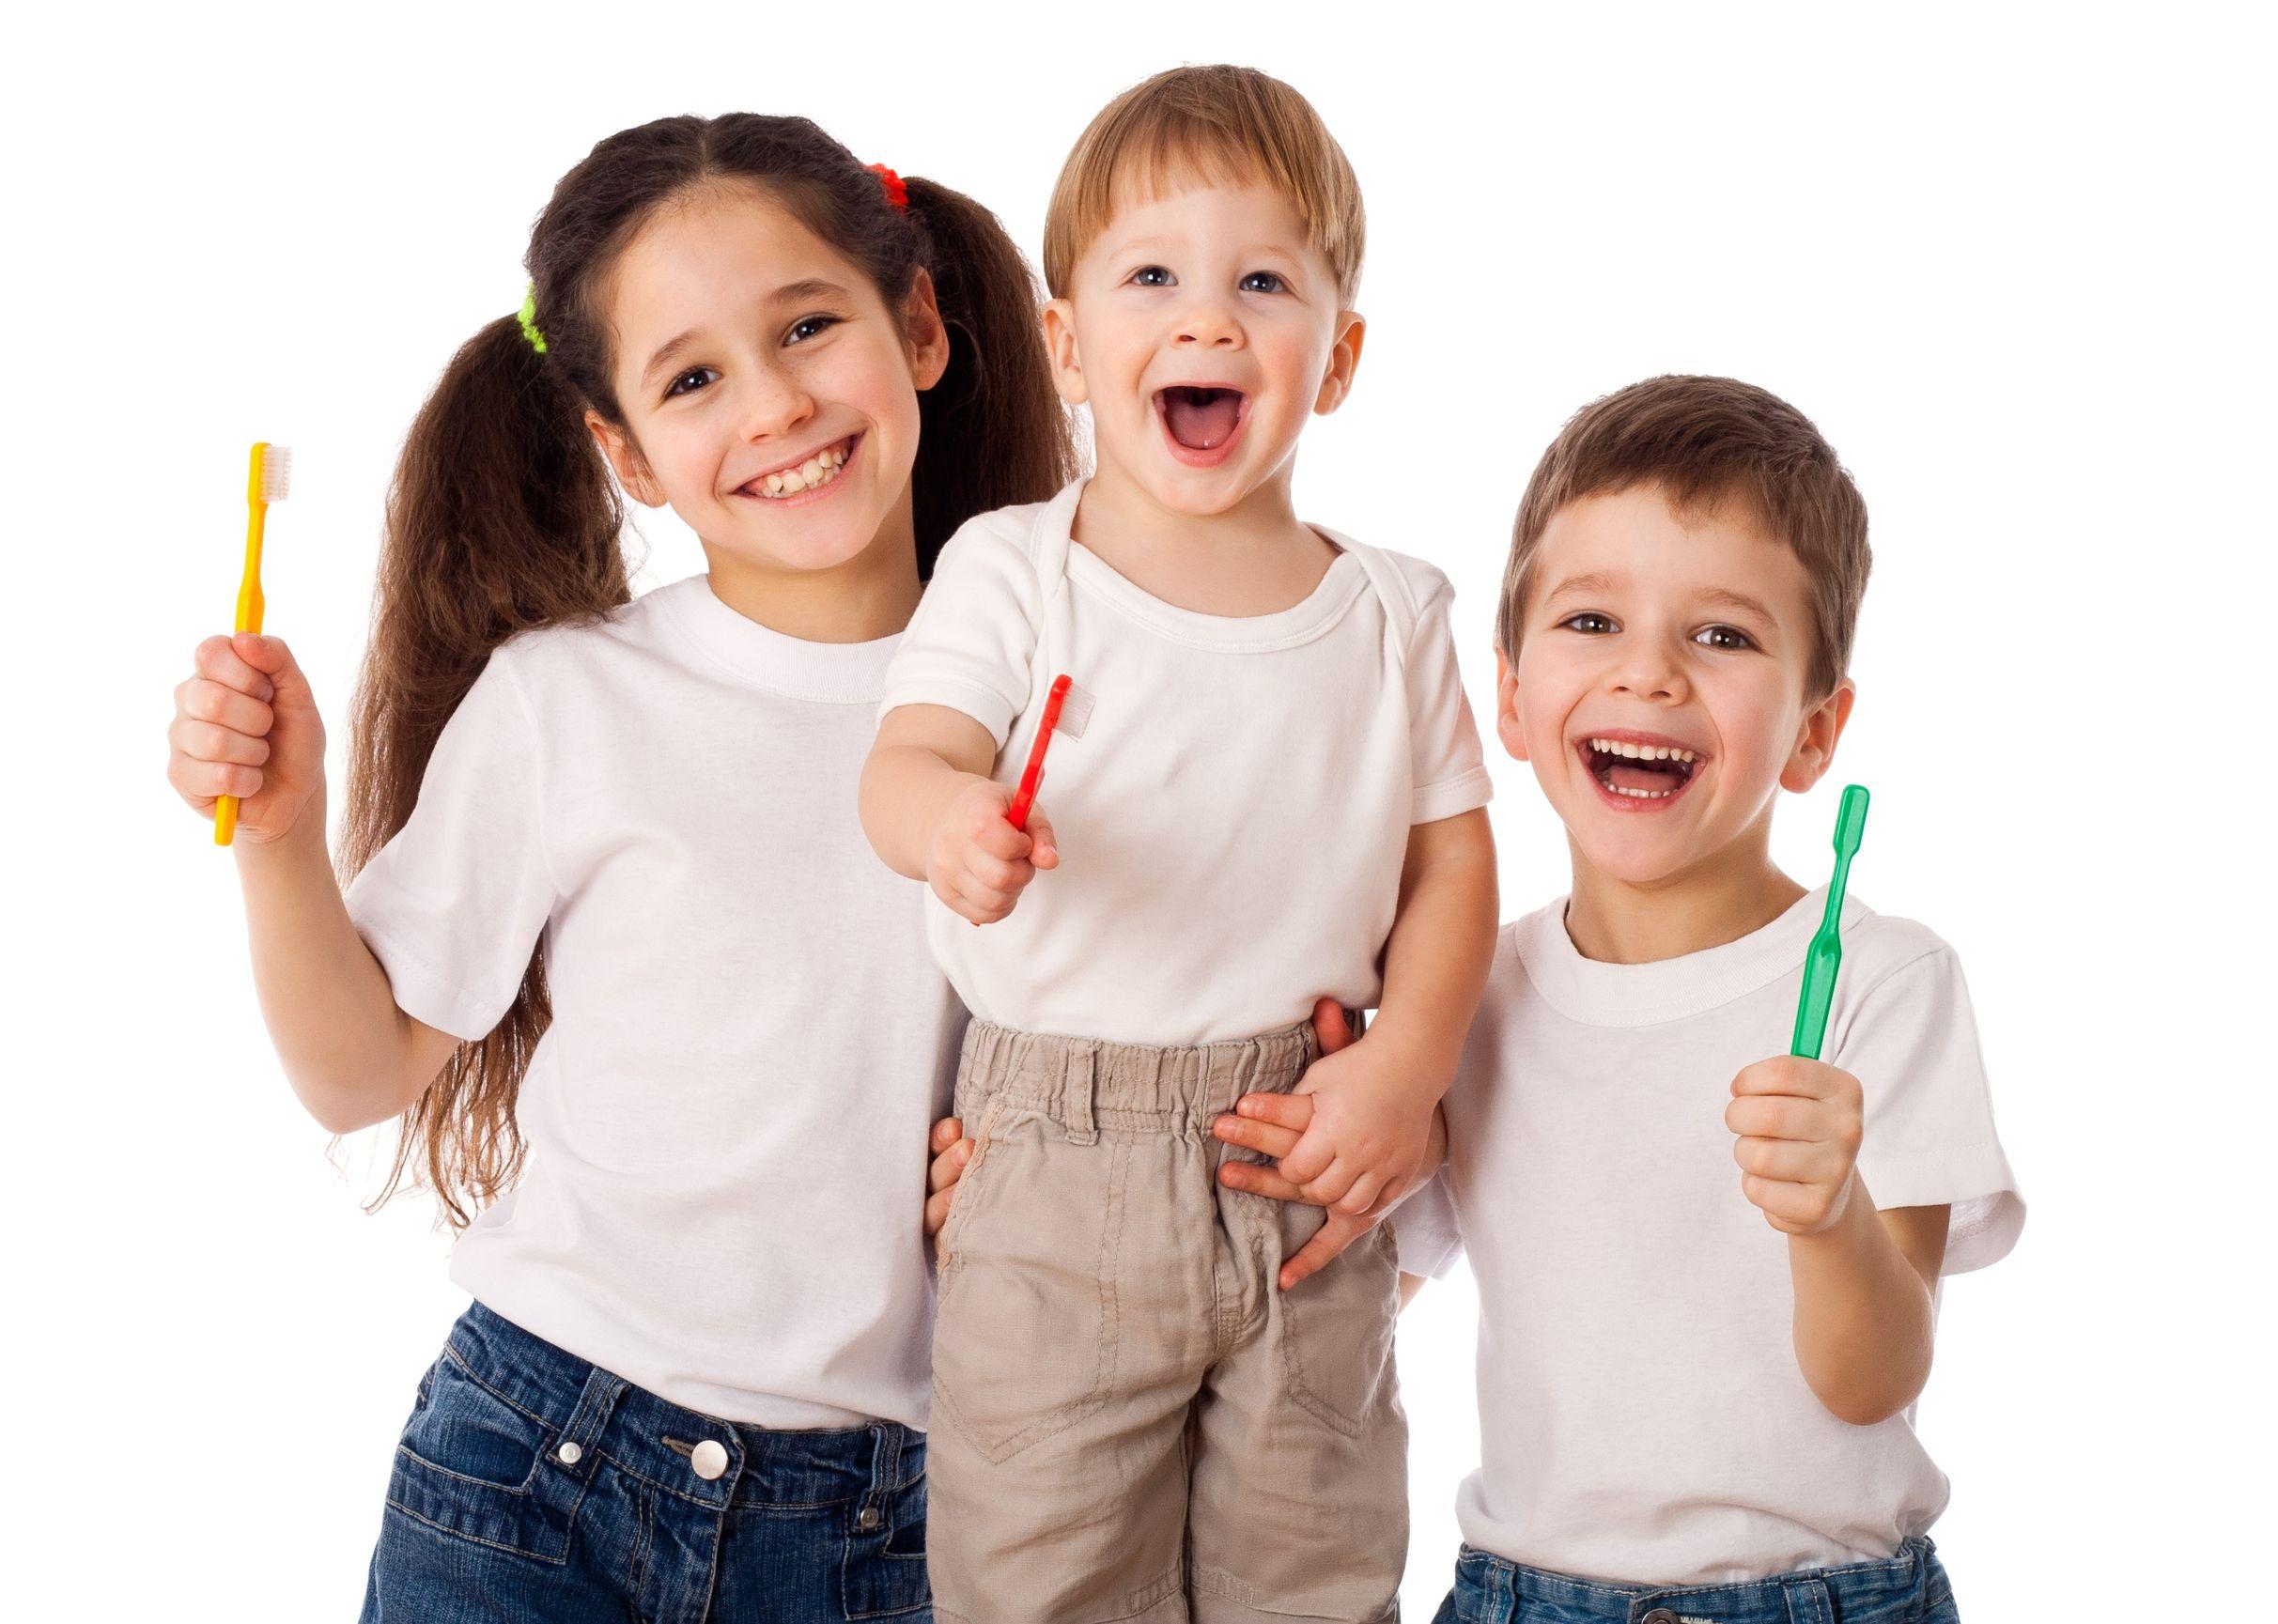 2 hónap + több mint 12 millió megvásárolt rágó = 11 913 070 forint az SOS Gyermekfalvaknak